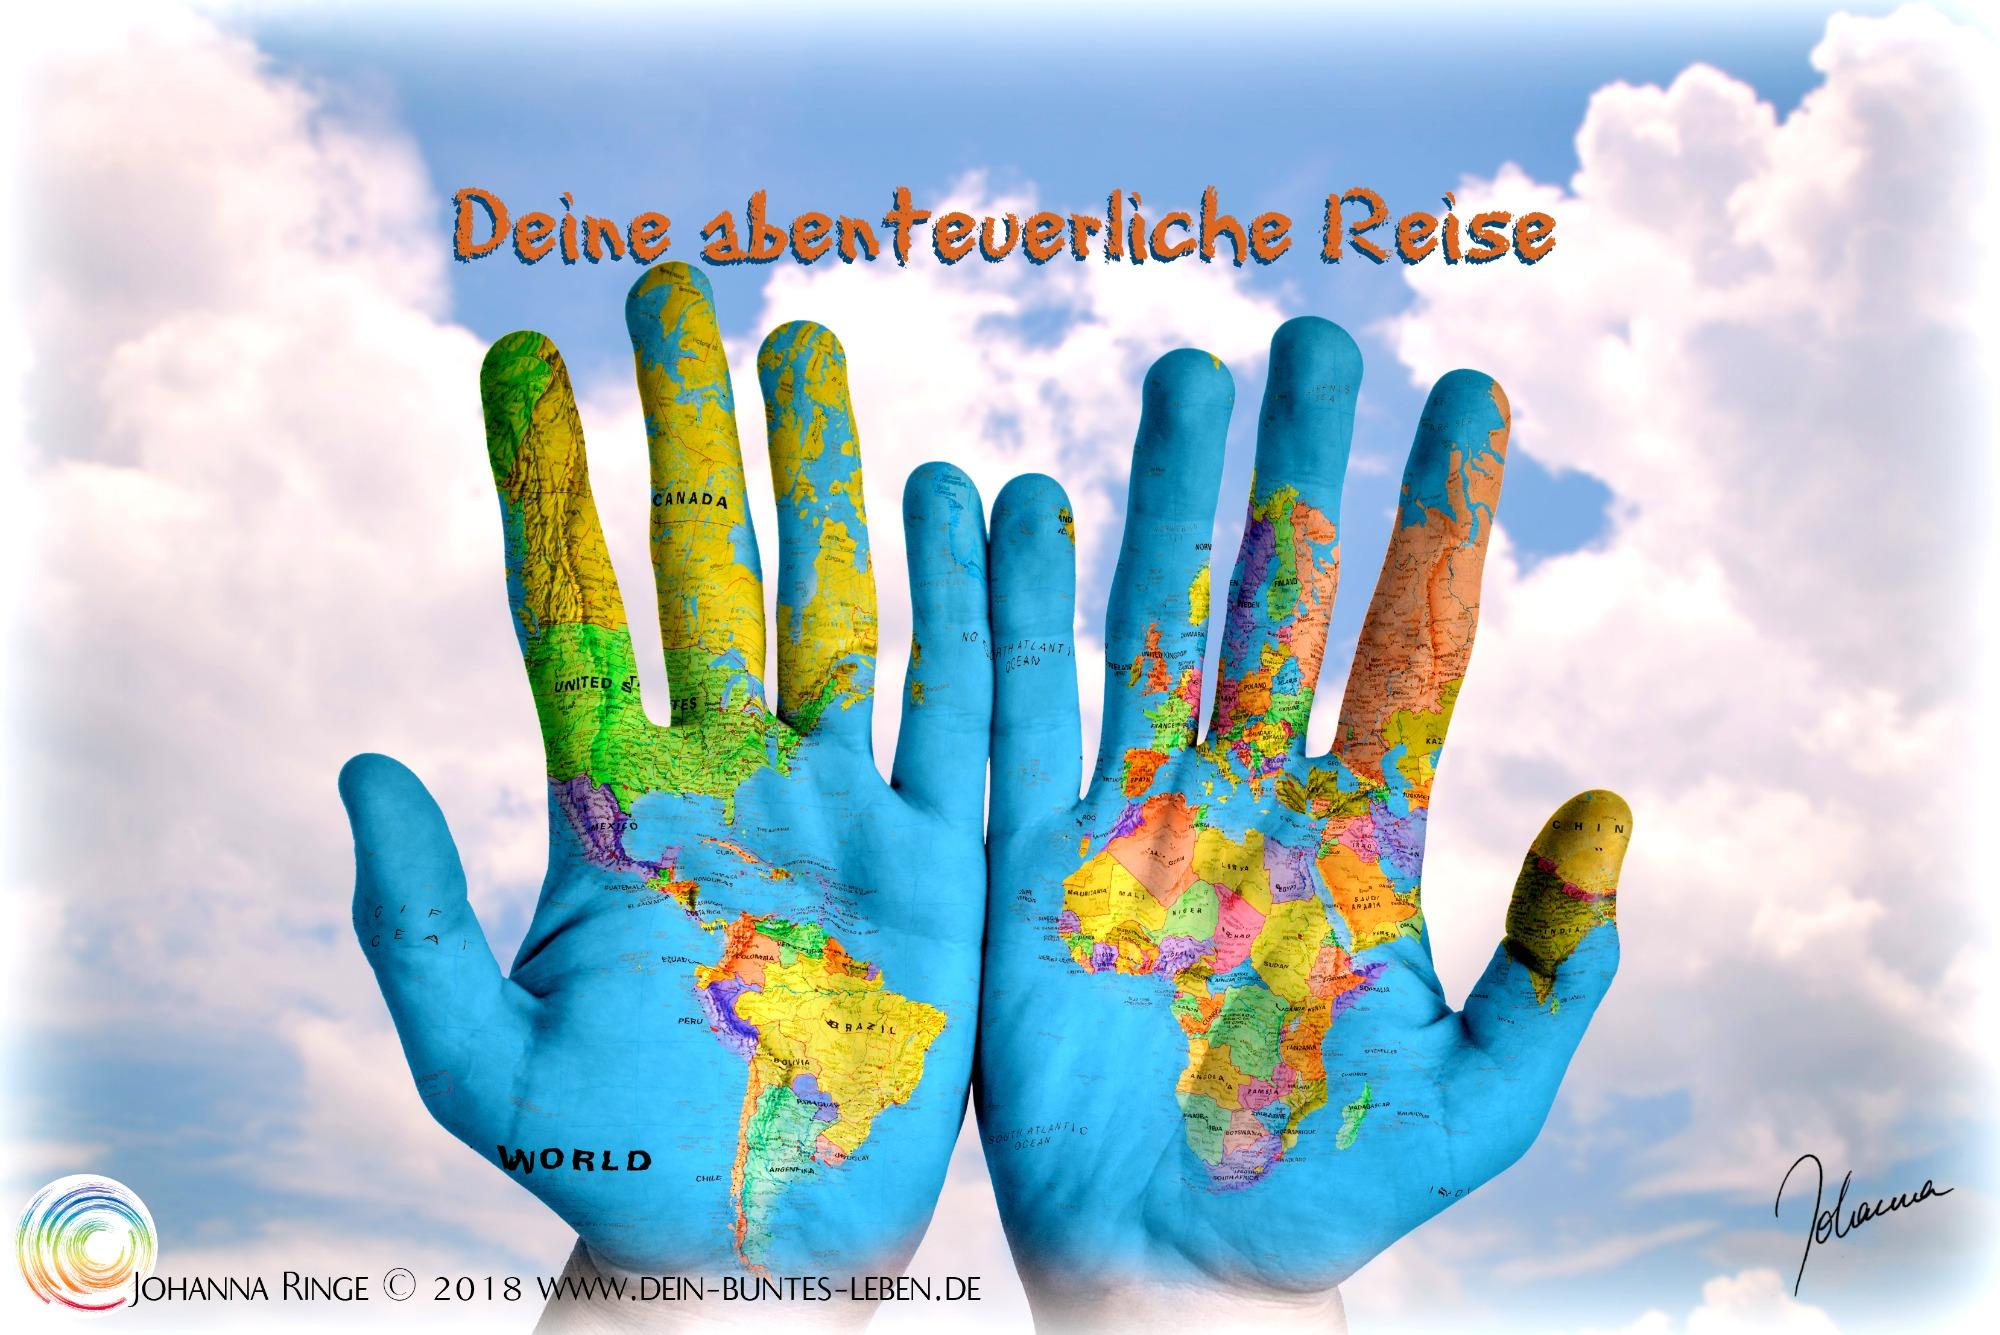 Deine abenteuerliche Reise als Text über Händen, auf die eine Weltkarte projeziert ist. ©2018 Johanna Ringe www.dein-buntes-leben.de